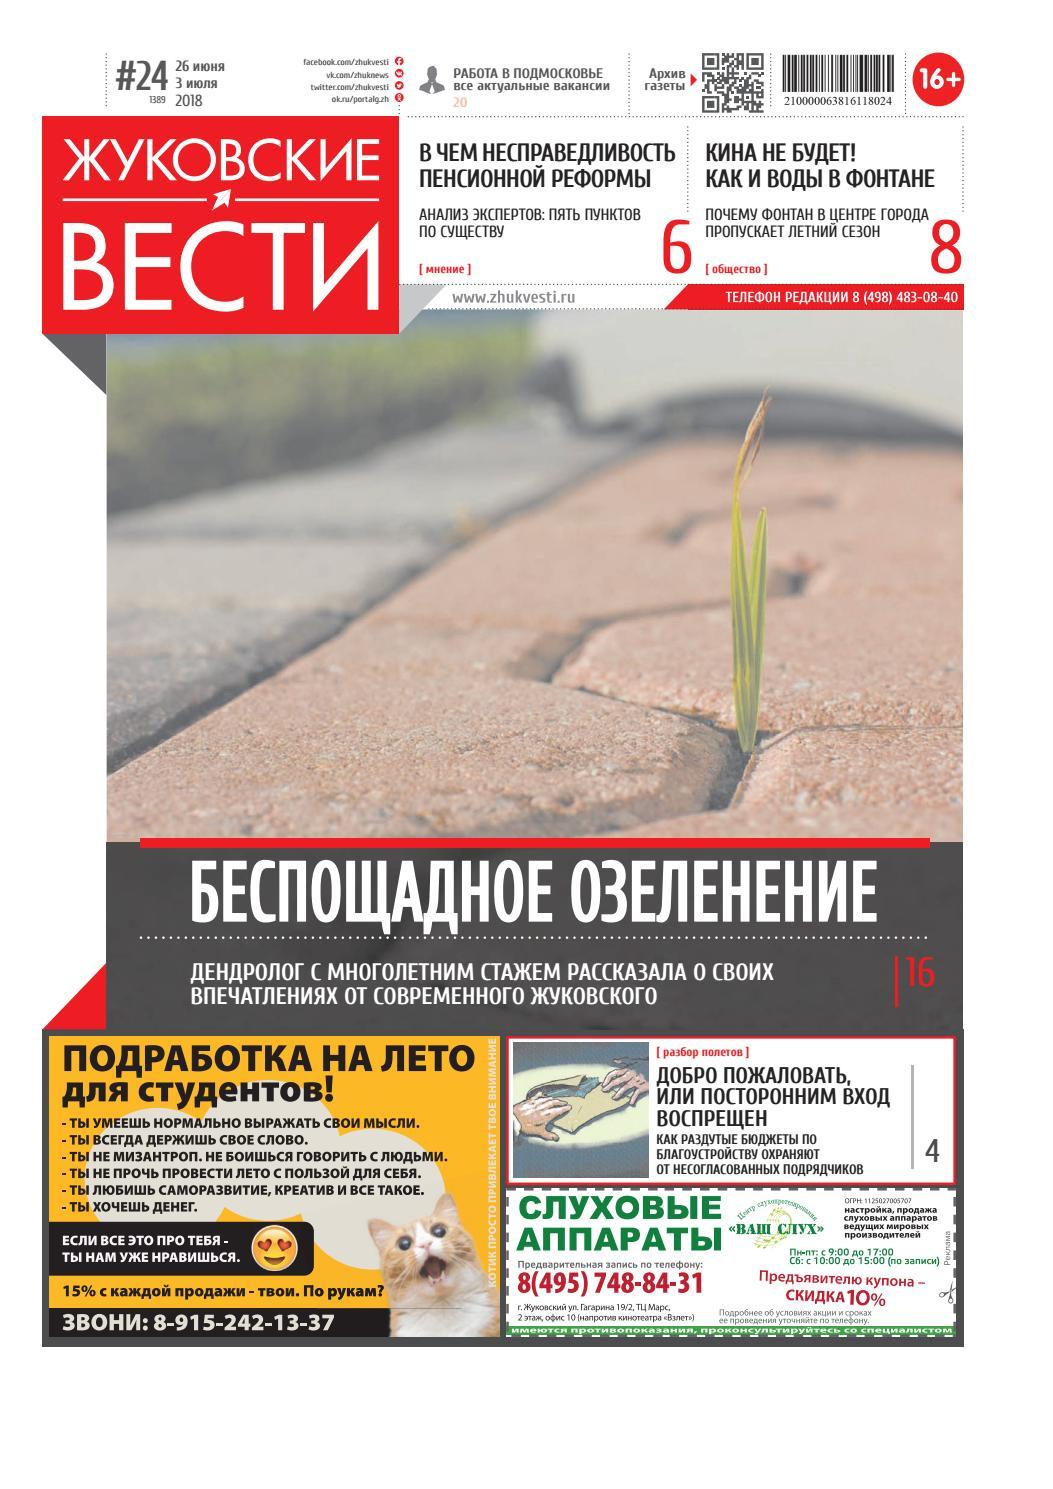 Жуковские вести №24 (1389) 26 июня 2018 - 3 июля 2018 by ЖУКОВСКИЕ ВЕСТИ -  issuu fafdc1e14d92c